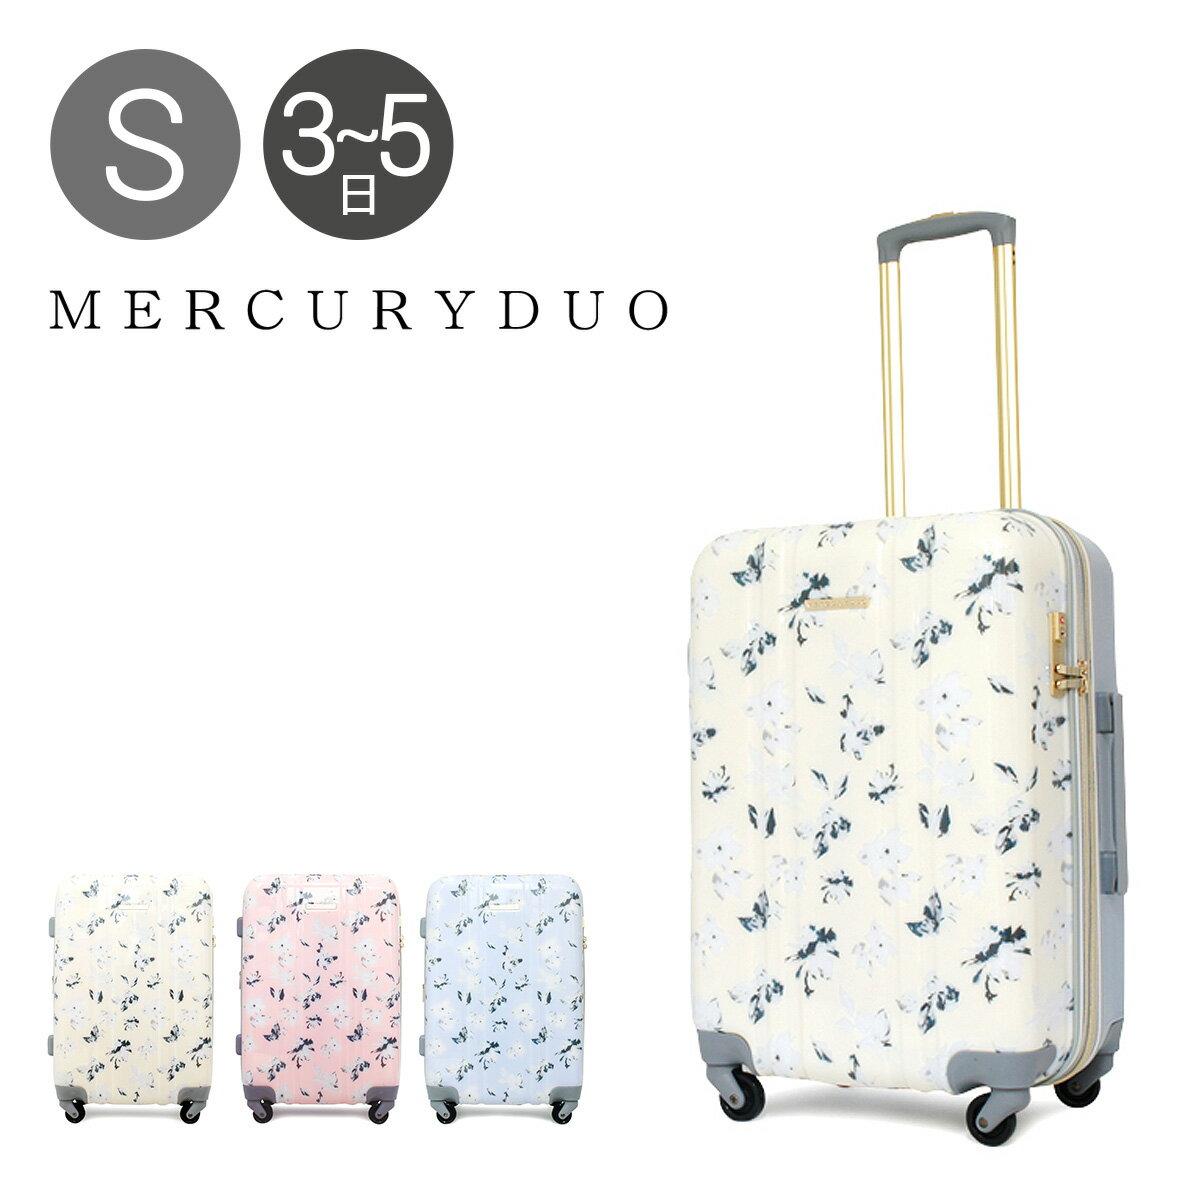 マーキュリーデュオ MERCURYDUO キャリーケース MD-0717-56 56cm 【 スーツケース キャリーカート TSAロック搭載 拡張式 レディース 】【即日発送】